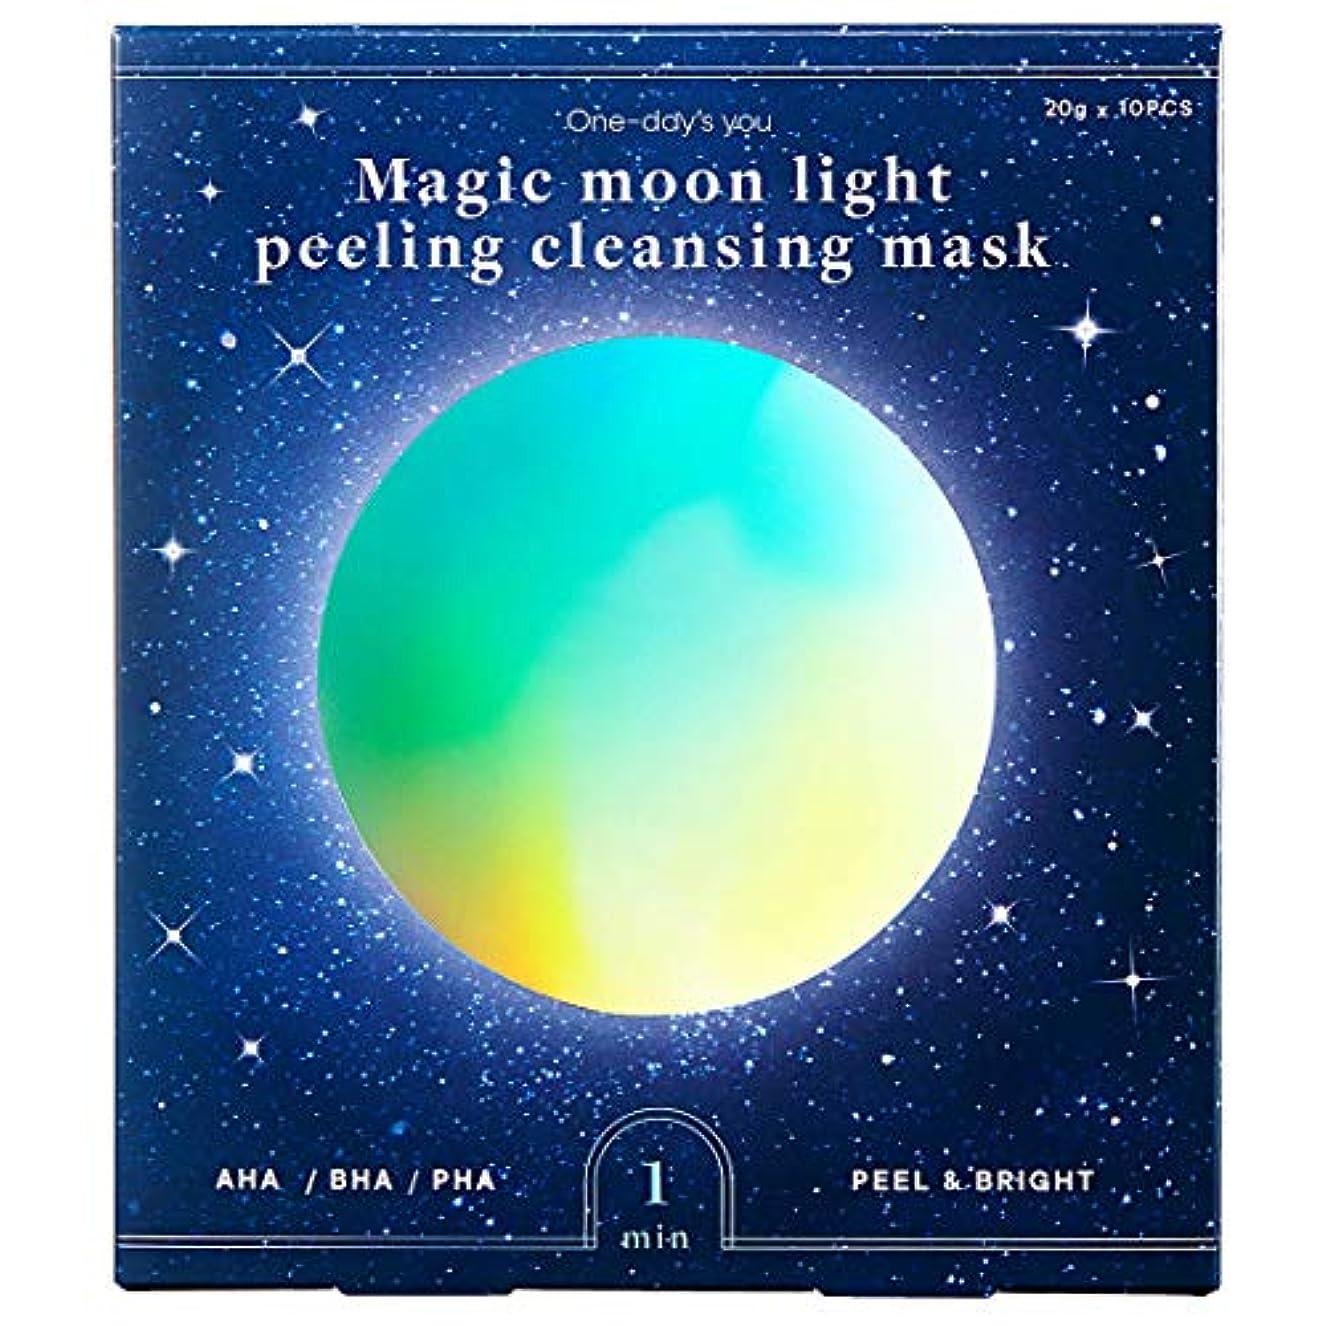 ダーリン破滅的な放棄するOne day's you [ワンデイズユー ] マジック ムーンライト ピーリング クレンジング マスク/Magic Moonlight Peeling Cleansing Mask (20g*10ea) [並行輸入品]